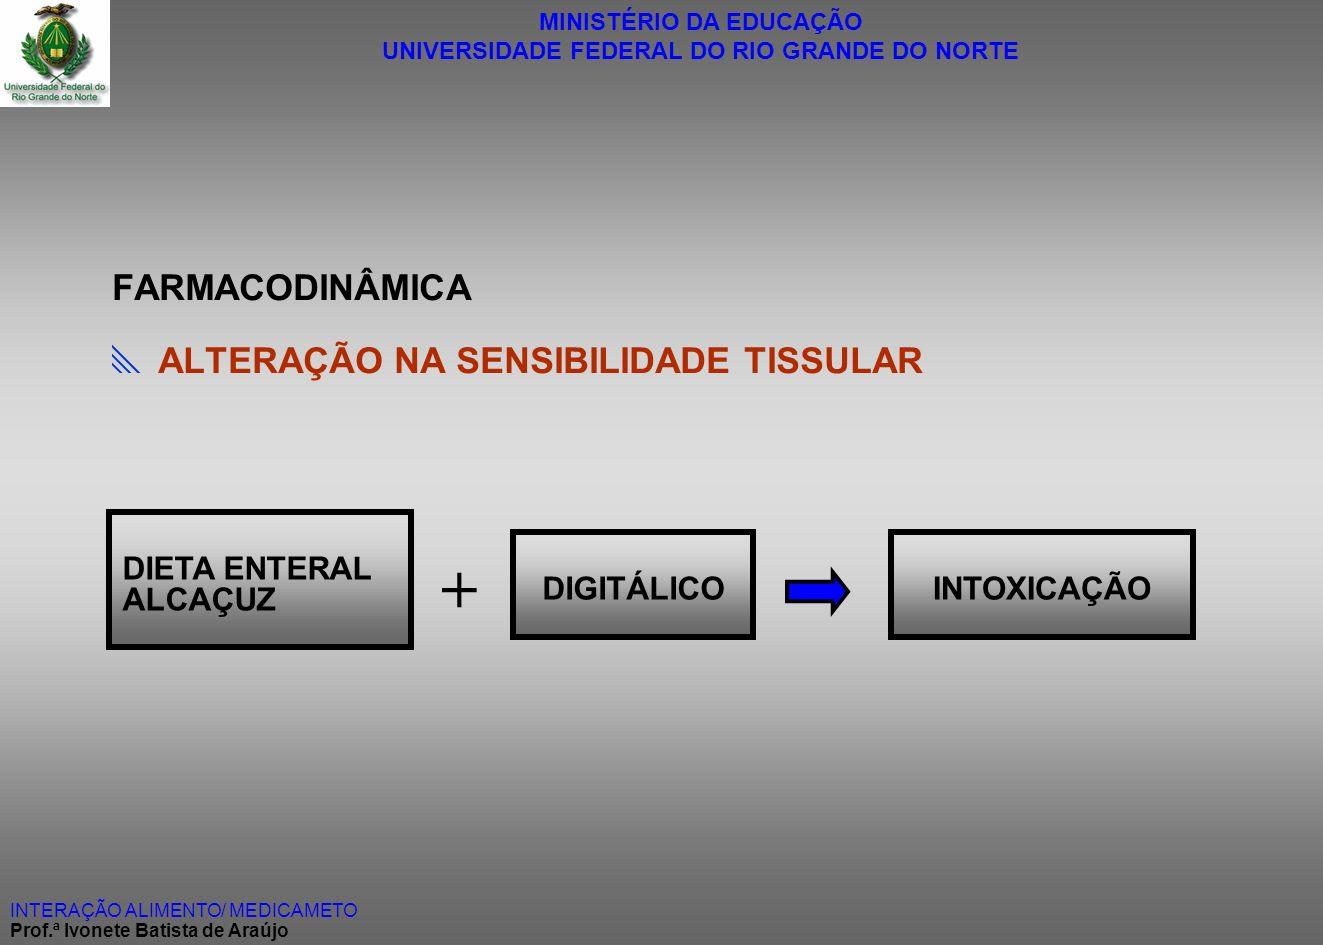 MINISTÉRIO DA EDUCAÇÃO UNIVERSIDADE FEDERAL DO RIO GRANDE DO NORTE INTERAÇÃO ALIMENTO/ MEDICAMETO Prof.ª Ivonete Batista de Araújo FARMACODINÂMICA ALT